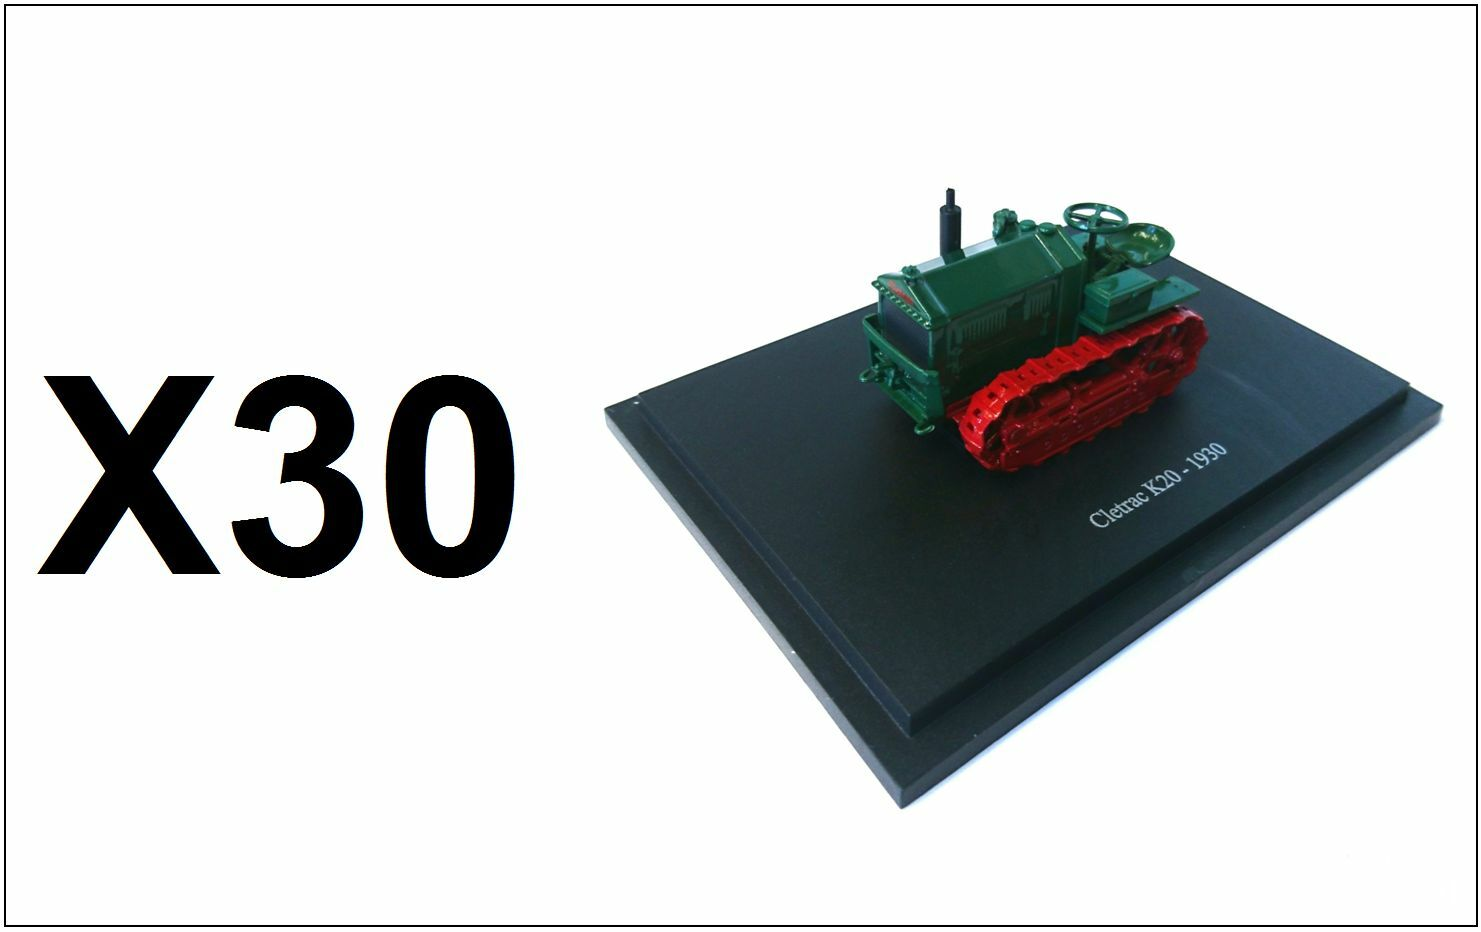 Set di 30 CLETRAC K20 veicoli agricoli 1:43 - Modello Diecast Trattore all'ingrosso BULK